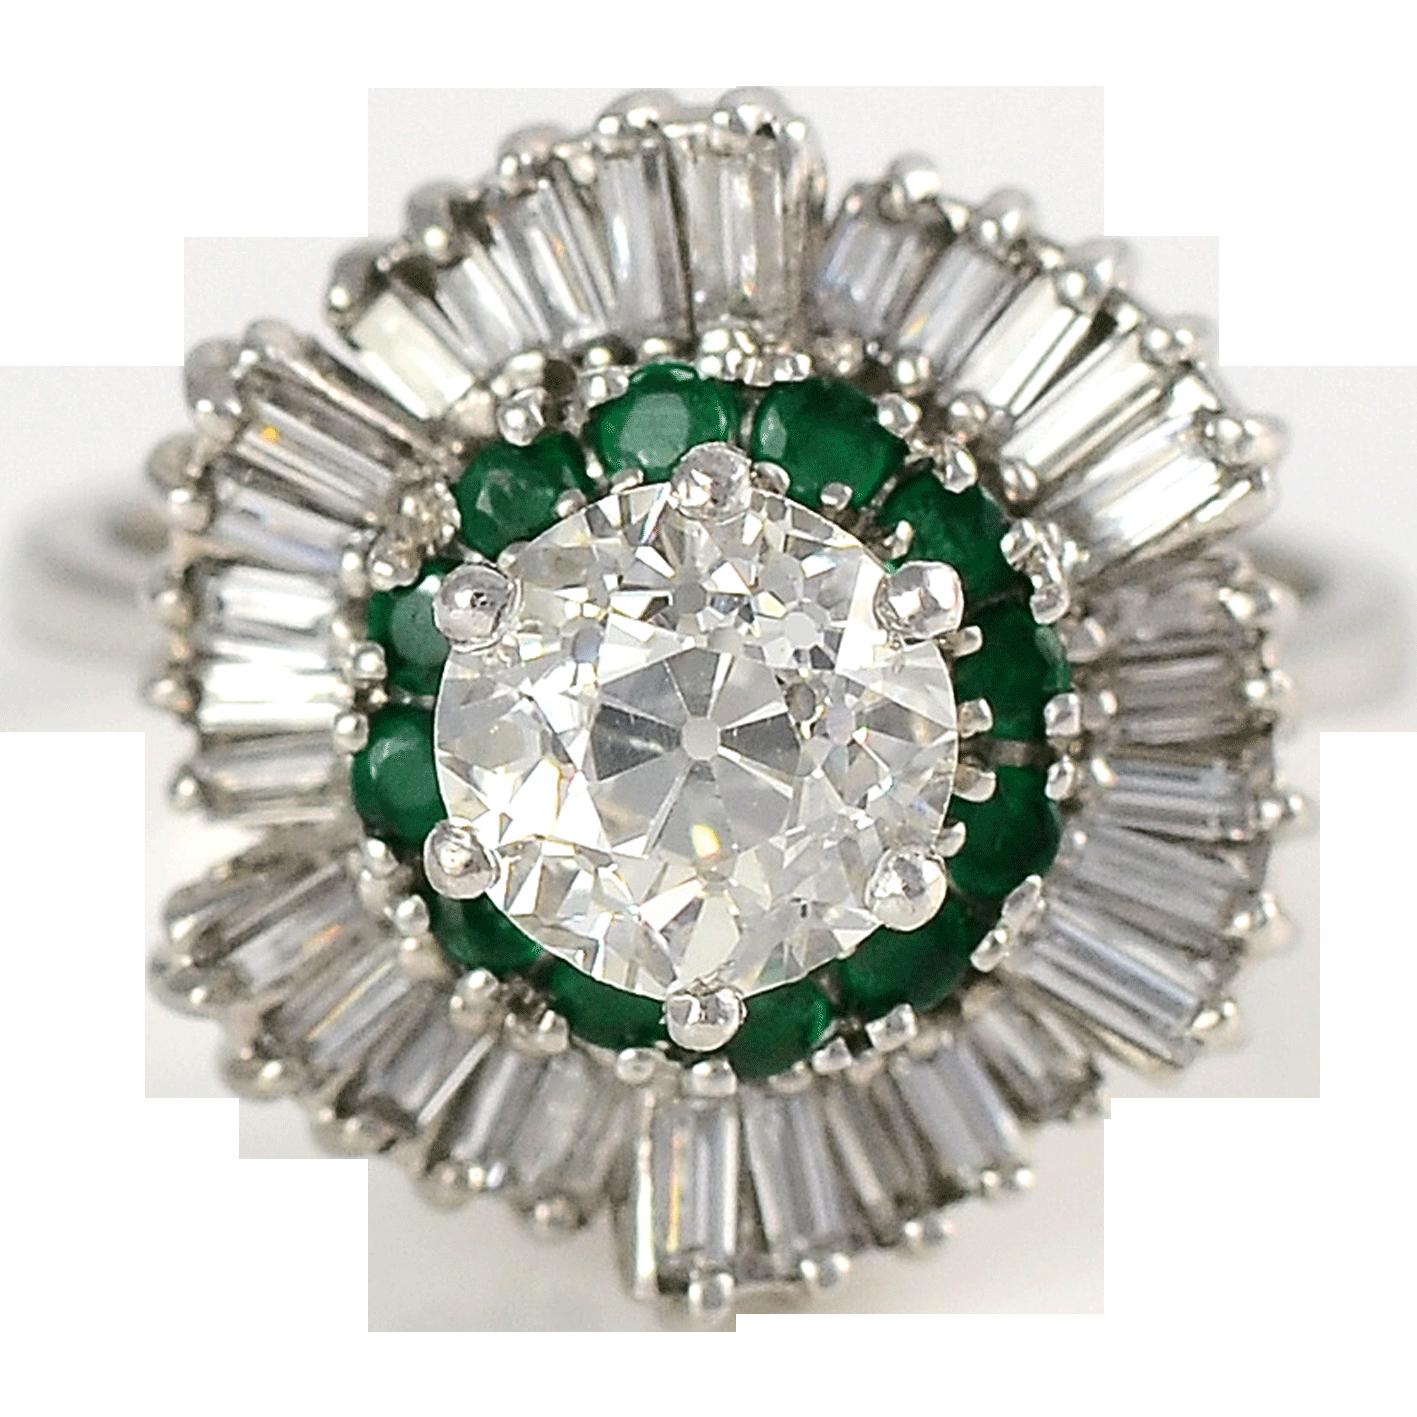 Platinum 1.75 CTW Diamond and Emerald Ring